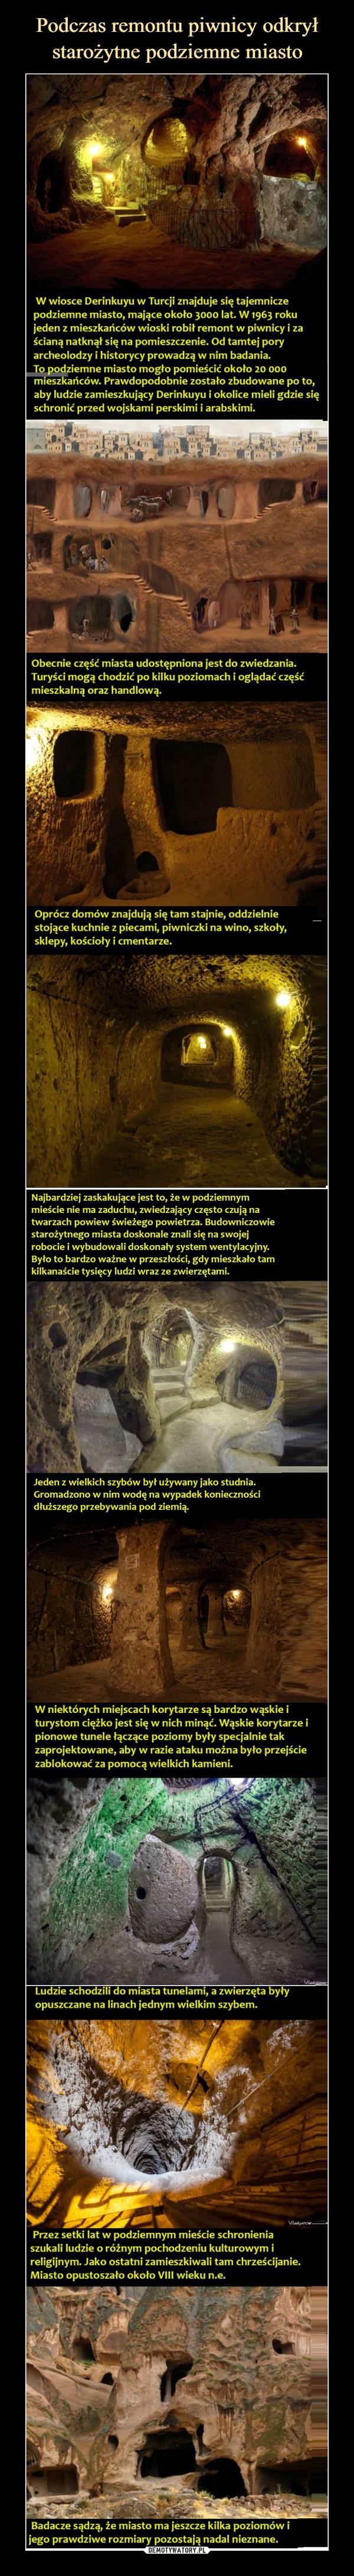 –  Podczas remontu piwnicy odkryłstarożytne podziemne miastoW wiosce Derinkuyu w Turcji znajduje się tajemniczepodziemne miasto, mające około 3000 lat. W 1963 rokujeden z mieszkańców wioski robił remont w piwnicy i zaścianą natknął się na pomieszczenie. Od tamtej poryarcheolodzy i historycy prowadzą w nim badania.To podziemne miasto mogło pomieścić około 20 000mieszkańców. Prawdopodobnie zostało zbudowane po to,aby ludzie zamieszkujący Derinkuyu i okolice mieli gdzie sięschronić przed wojskami perskimi i arabskimi.Obecnie część miasta udostępniona jest do zwiedzania.Turyści mogą chodzić po kilku poziomach i oglądać częśćmieszkalną oraz handlową.Oprócz domów znajdują się tam stajnie, oddzielniestojące kuchnie z piecami, piwniczki na wino, szkoły,sklepy, kościoły i cmentarze.Najbardziej zaskakujące jest to, że w podziemnymmieście nie ma zaduchu, zwiedzający często czują natwarzach powiew świeżego powietrza. Budowniczowiestarożytnego miasta doskonale znali się na swojejrobocie i wybudowali doskonały system wentylacyjny.Było to bardzo ważne w przeszłości, gdy mieszkało tamkilkanaście tysięcy ludzi wraz ze zwierzętami.Jeden z wielkich szybów był używany jako studnia.Gromadzono w nim wodę na wypadek koniecznościdłuższego przebywania pod ziemią.W niektórych miejscach korytarze są bardzo wąskie iturystom ciężko jest się w nich minąć. Wąskie korytarze ipionowe tunele łączące poziomy były specjalnie takzaprojektowane, aby w razie ataku można było przejściezablokować za pomocą wielkich kamieni.Ludzie schodzili do miasta tunelami, a zwierzęta byłyopuszczane na linach jednym wielkim szybem.VletyanovPrzez setki lat w podziemnym mieście schronieniaszukali ludzie o różnym pochodzeniu kulturowym ireligijnym. Jako ostatni zamieszkiwali tam chrześcijanie.Miasto opustoszało około VIII wieku n.e.Badacze sądzą, że miasto ma jeszcze kilka poziomów ijego prawdziwe rozmiary pozostają nadal nieznane.DEMOTYWATORY.PL